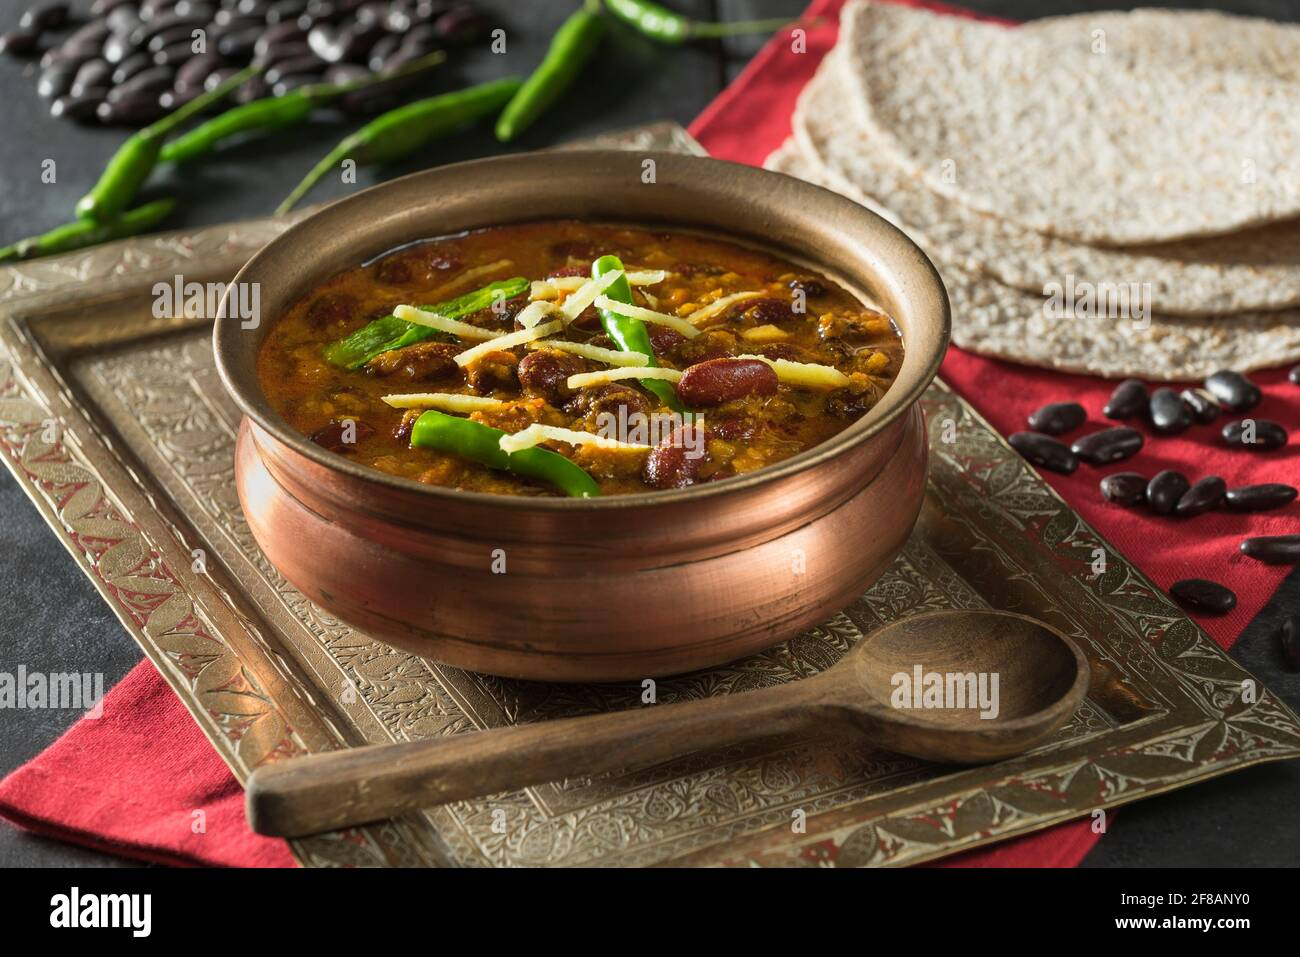 Rajma Masala. Rotes Nierenknierenknierenkr Indische Küche Stockfoto